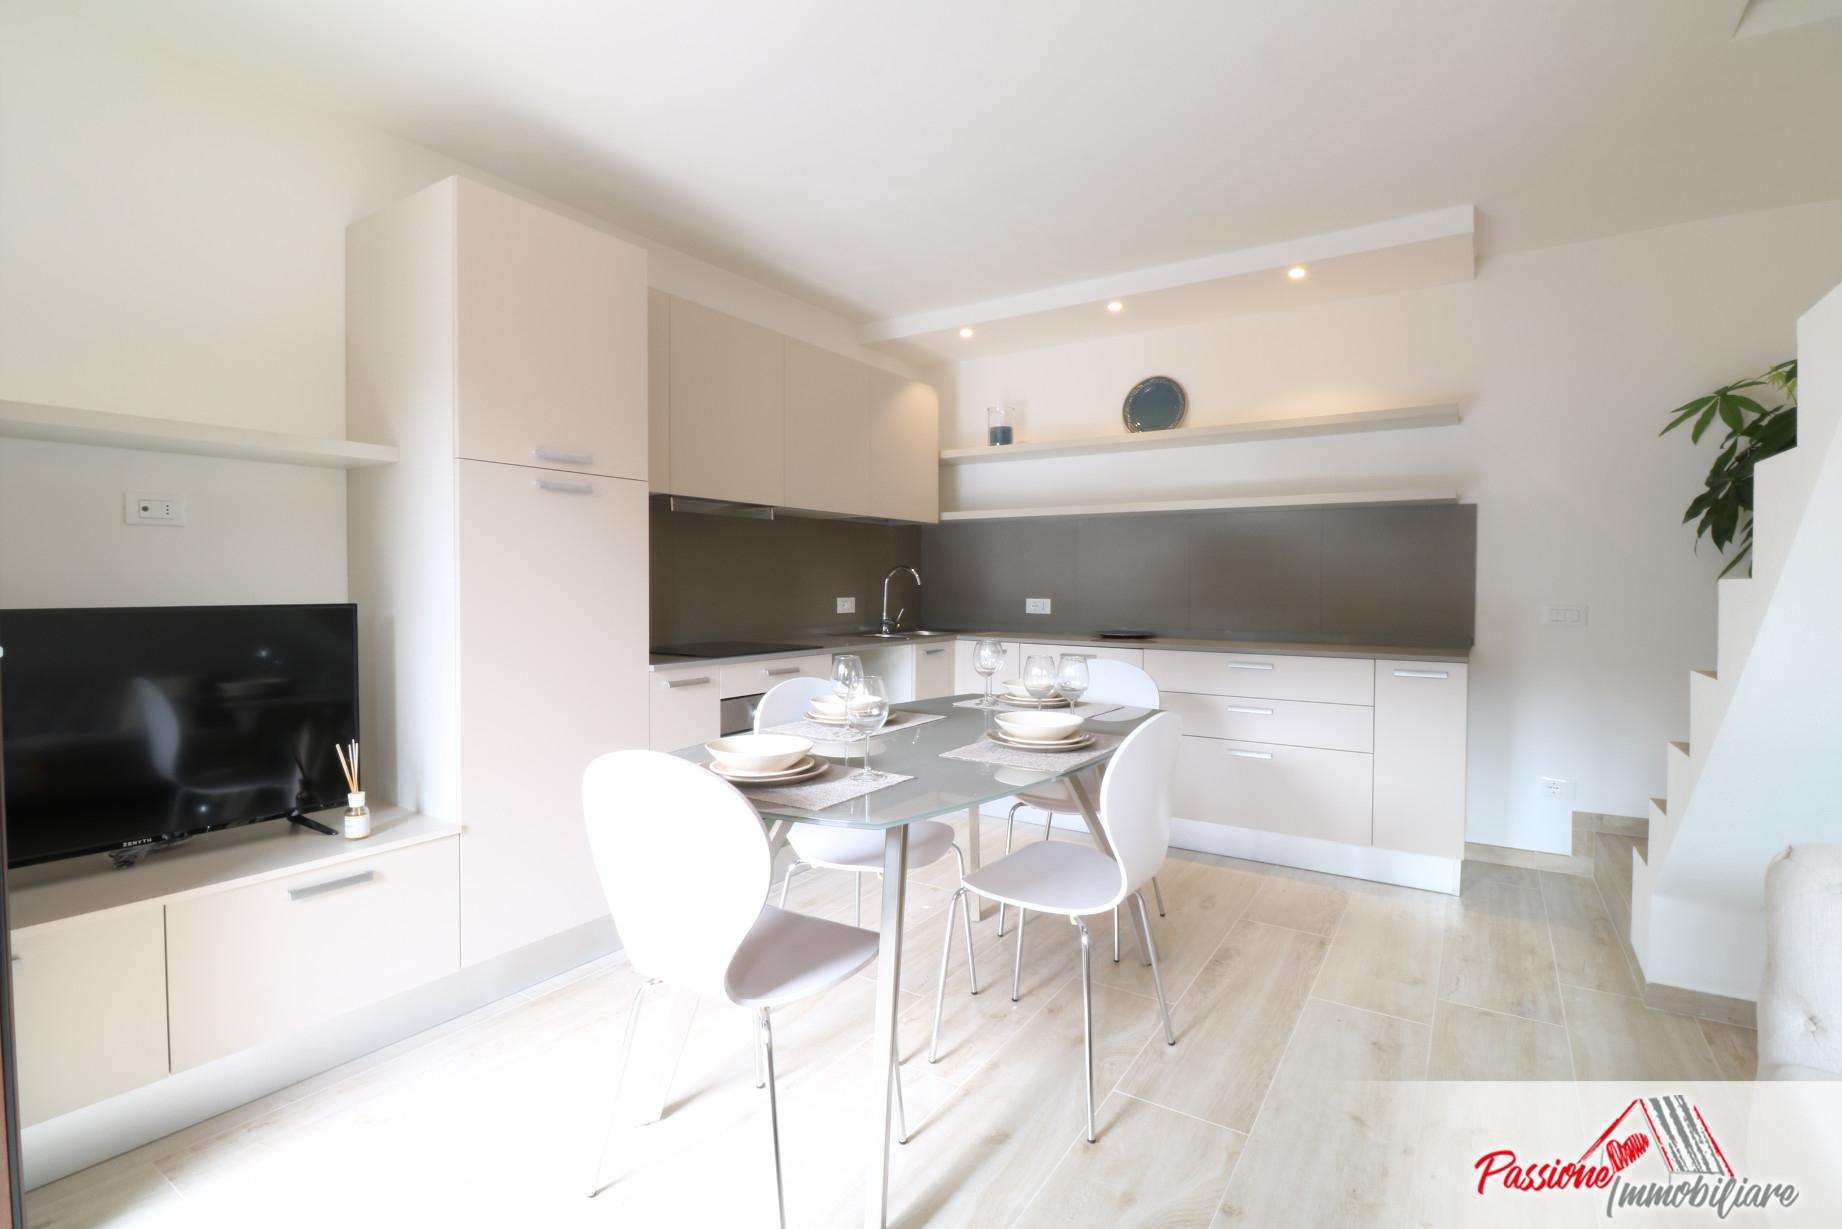 Casa singola in vendita a Quinzano – Passione Immobiliare Verona